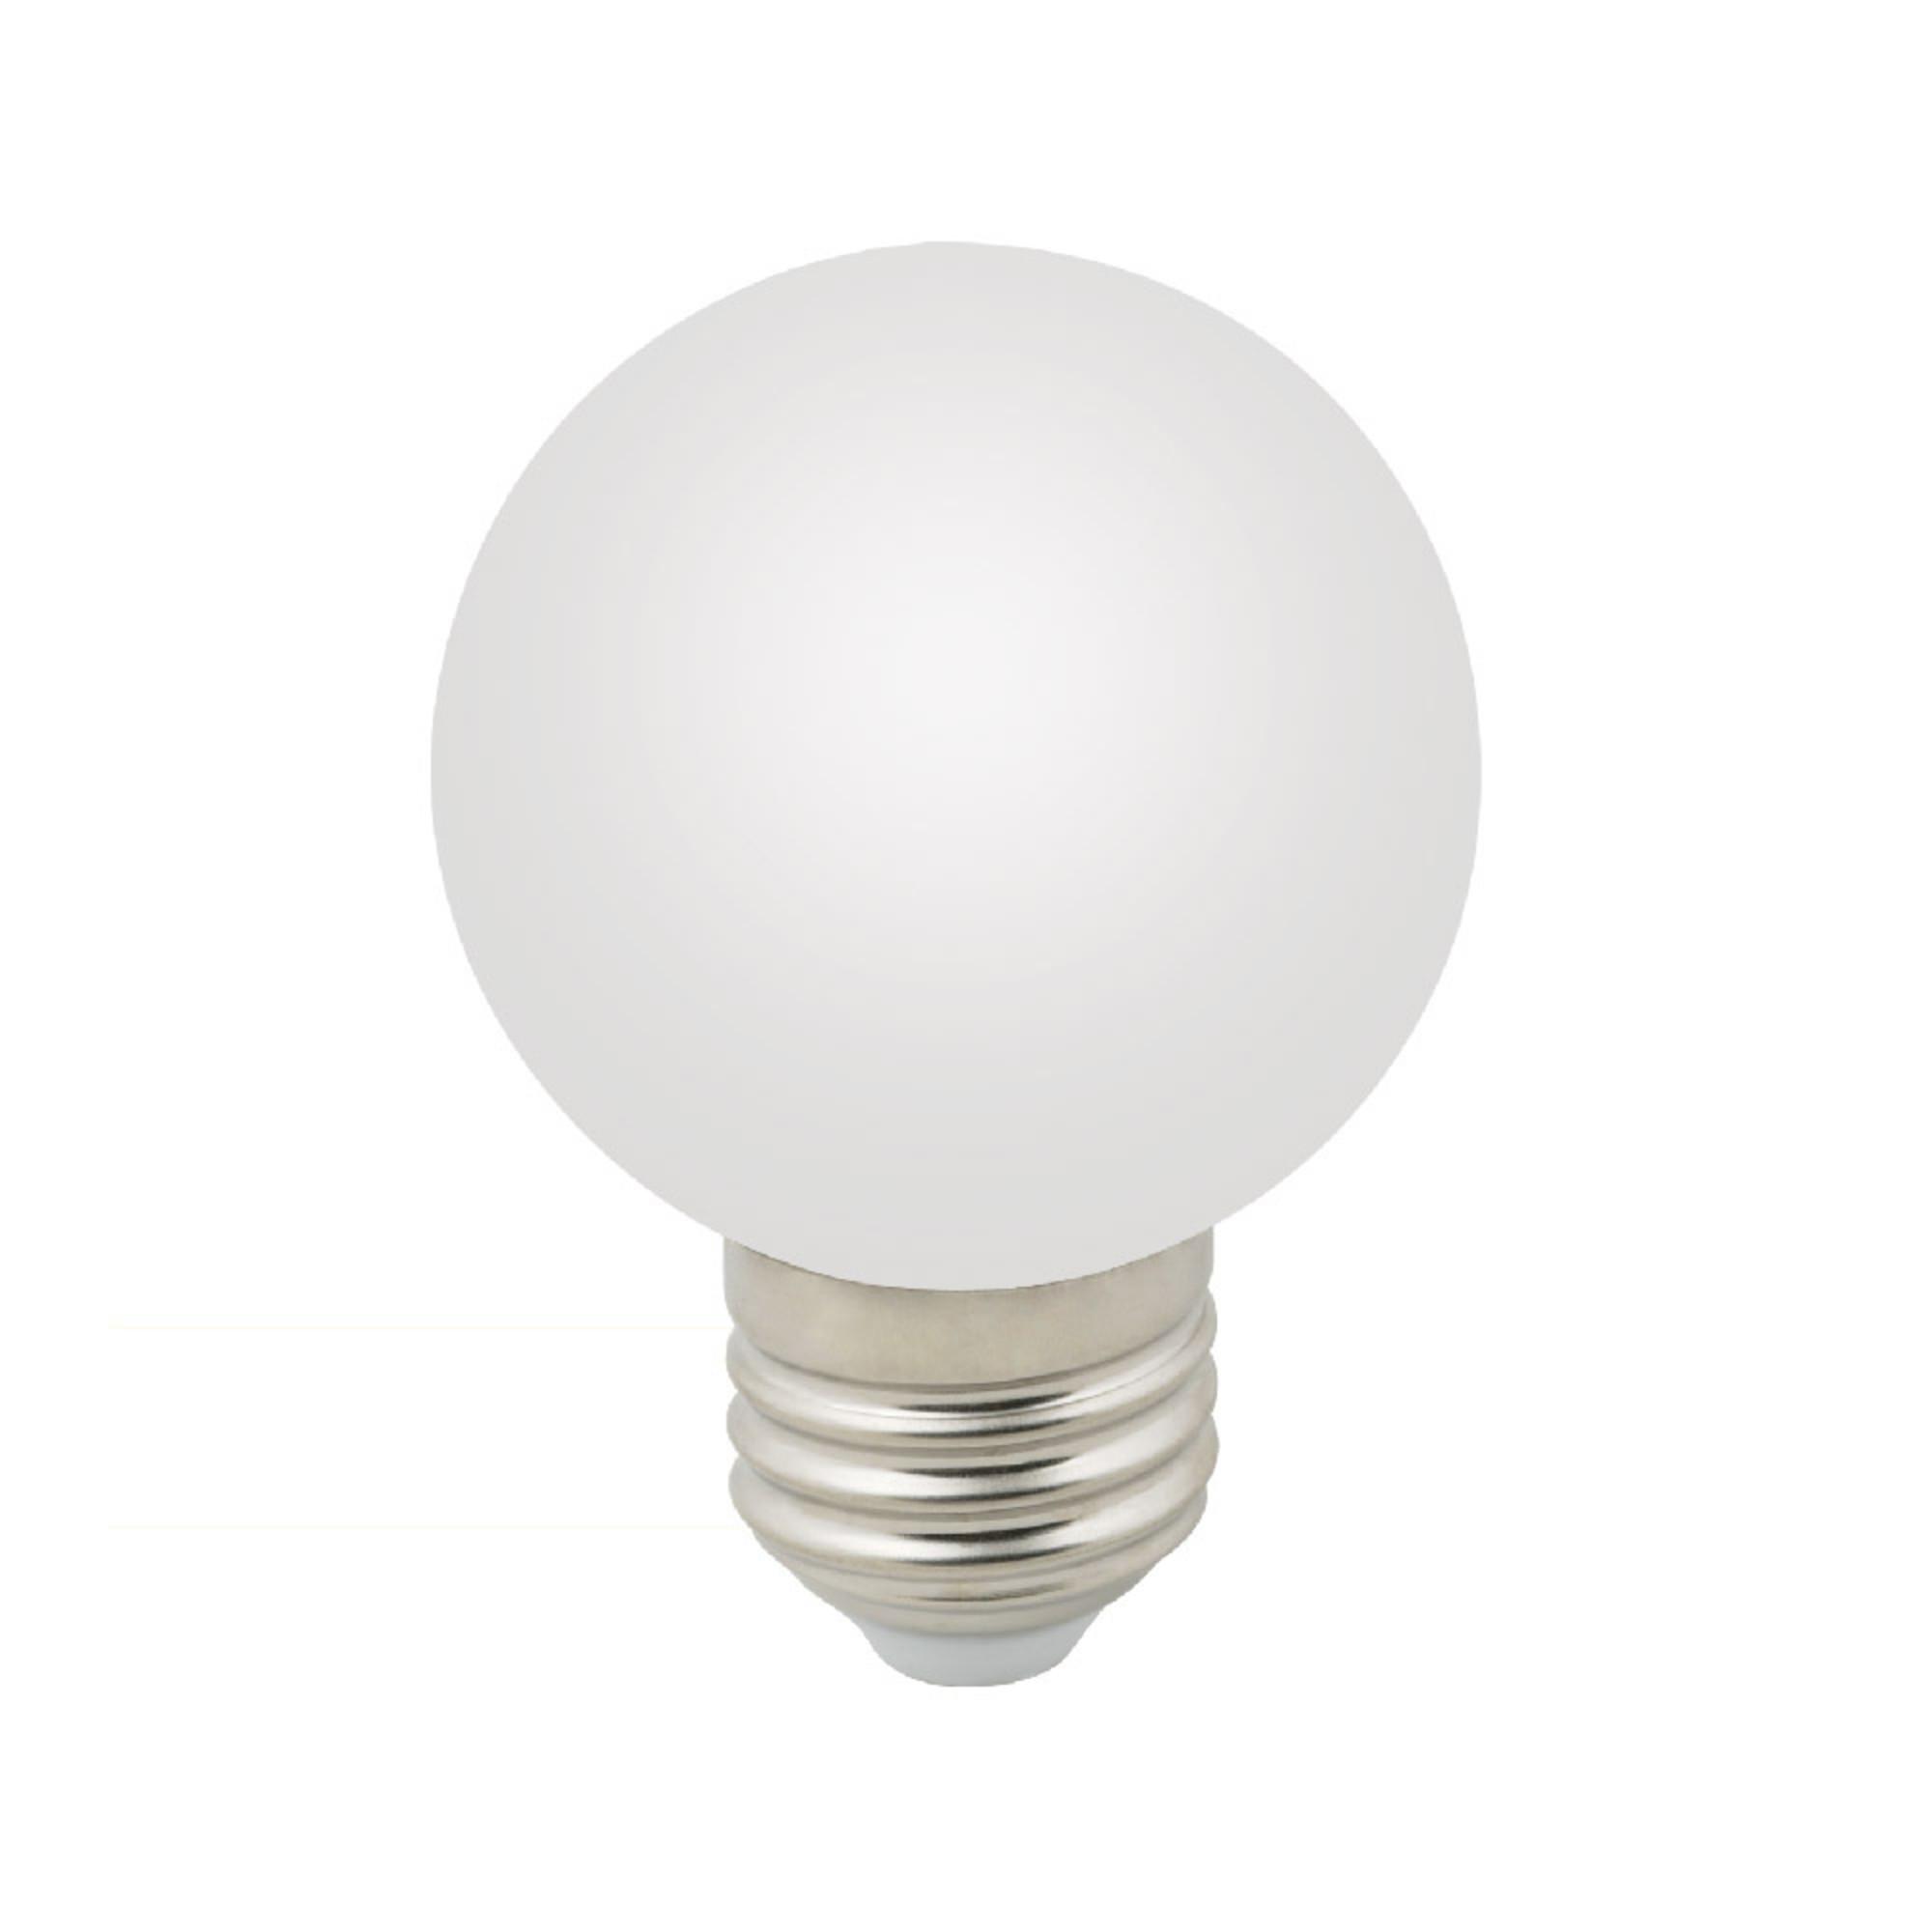 Лампа светодиодная E27 3 Вт шар белый 240 лм тёплый белый свет